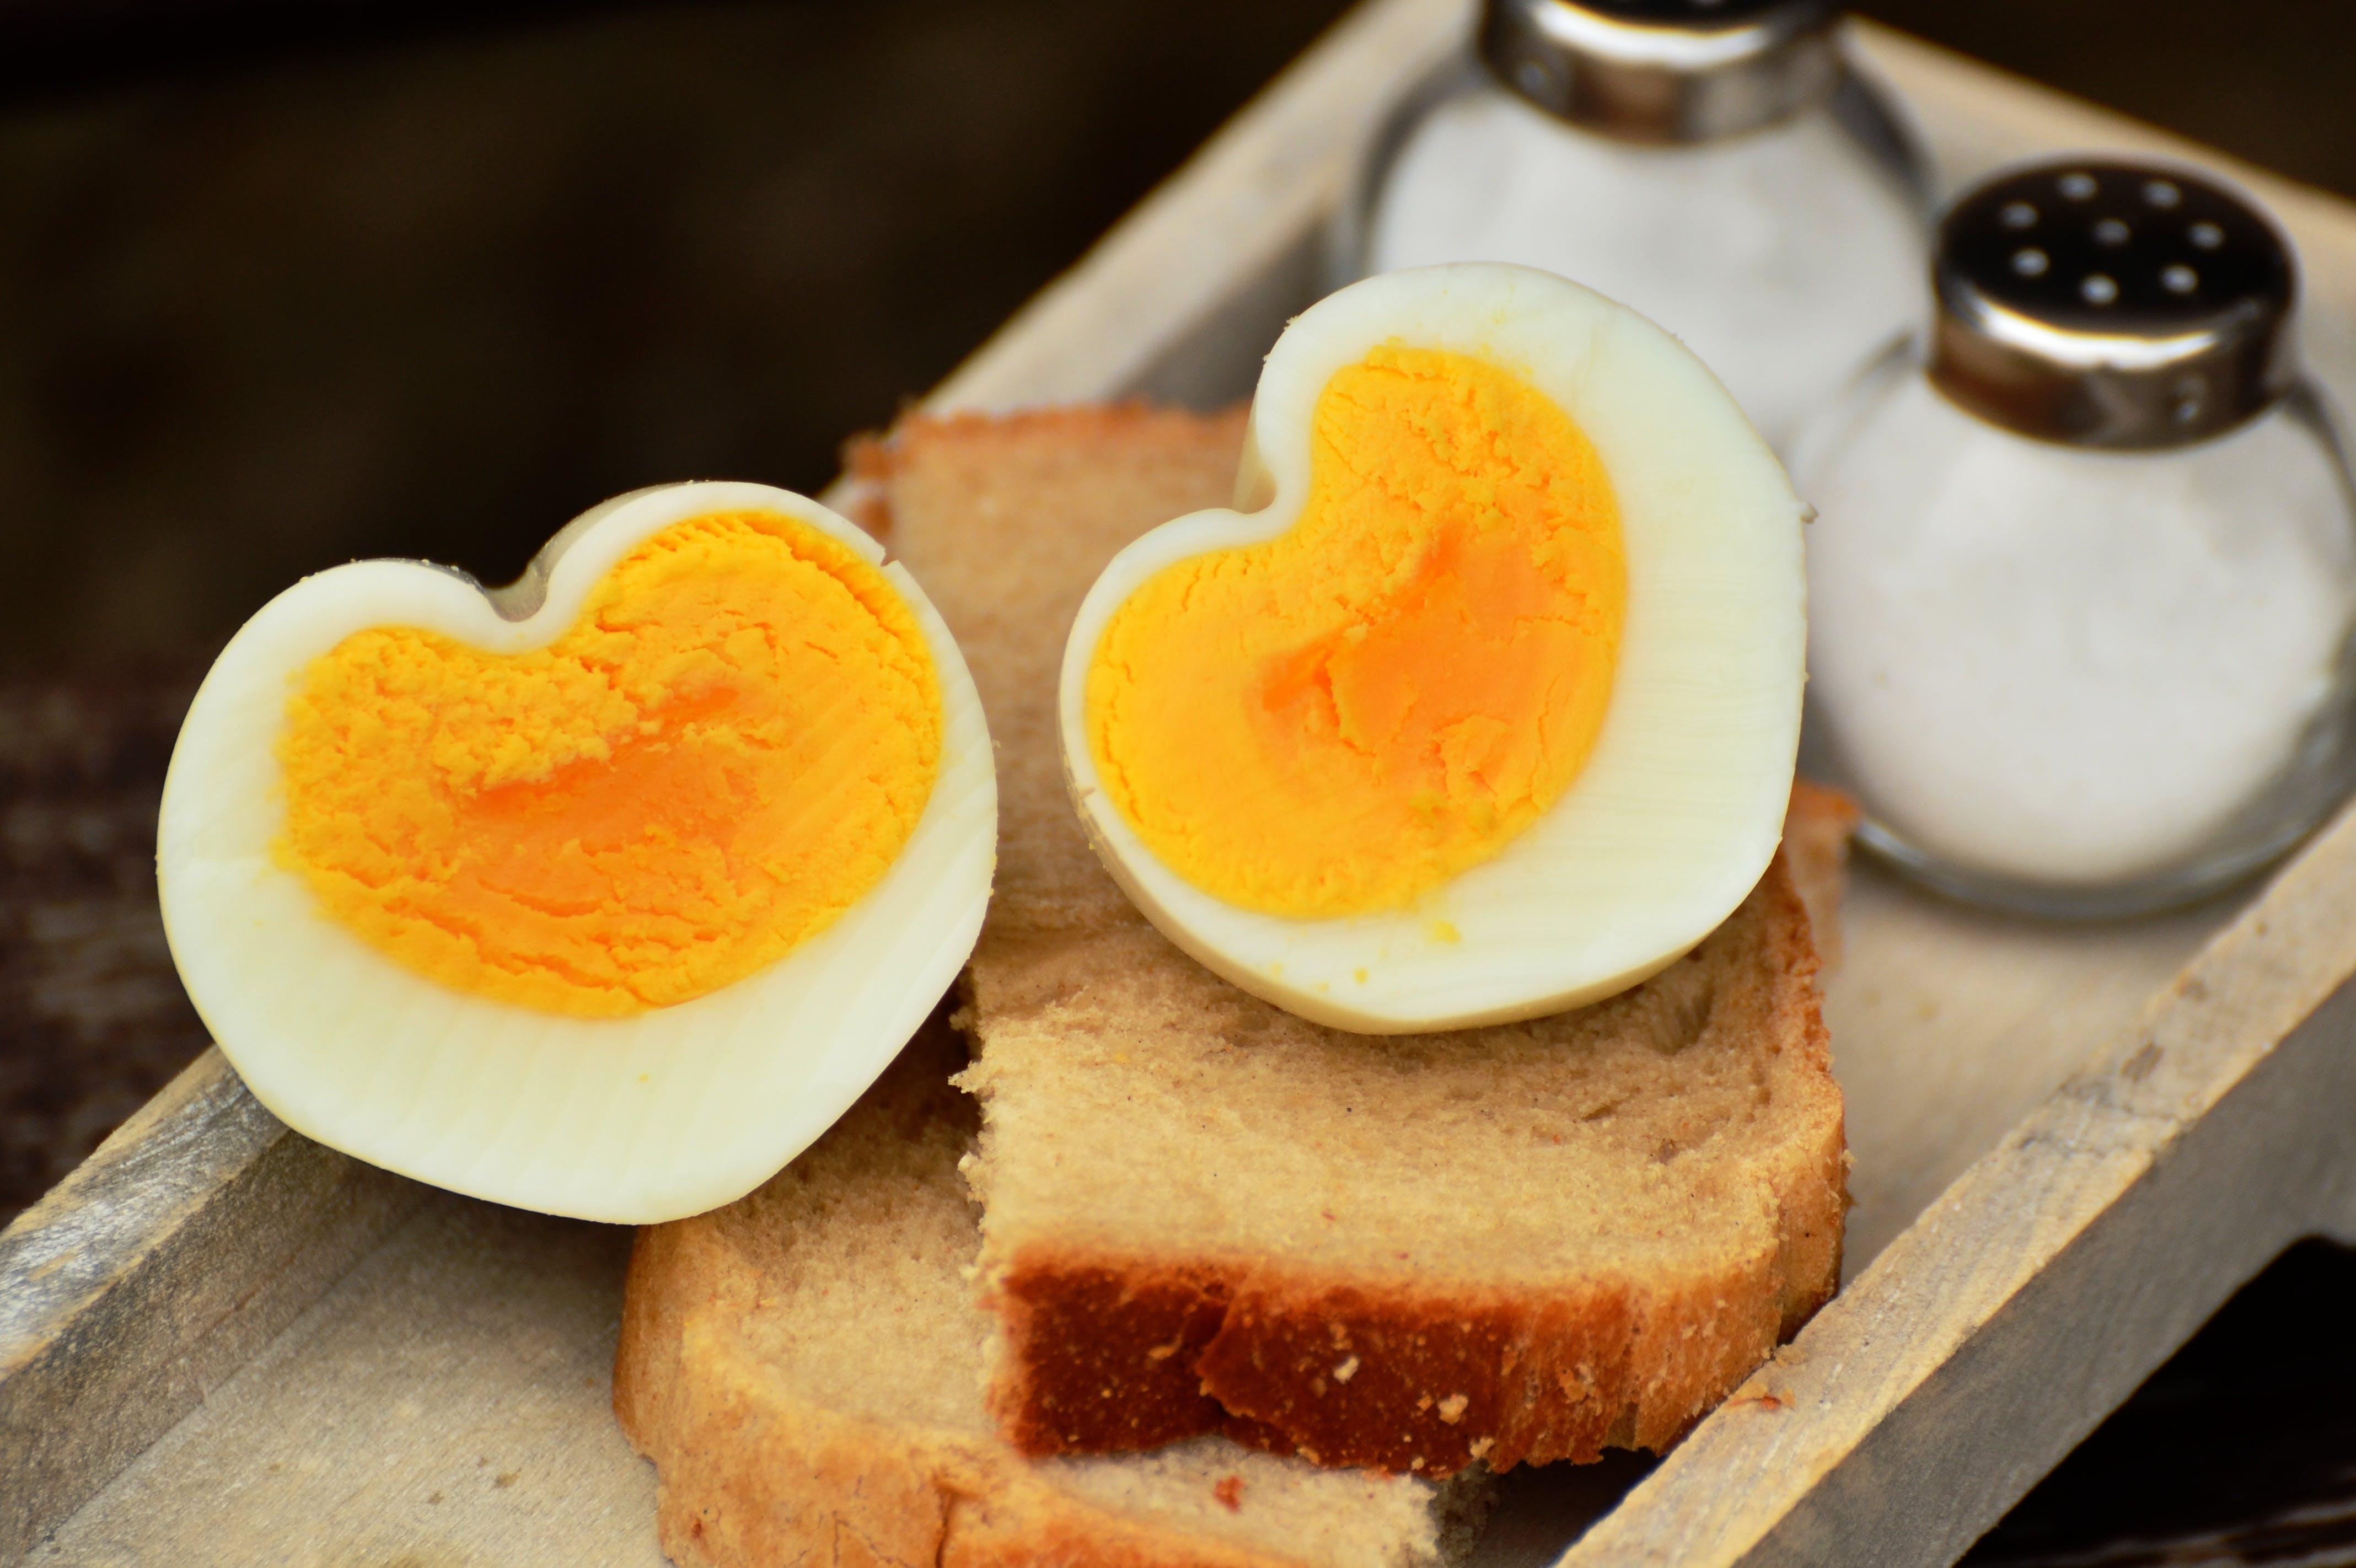 élelmiszer, étel, főtt tojás